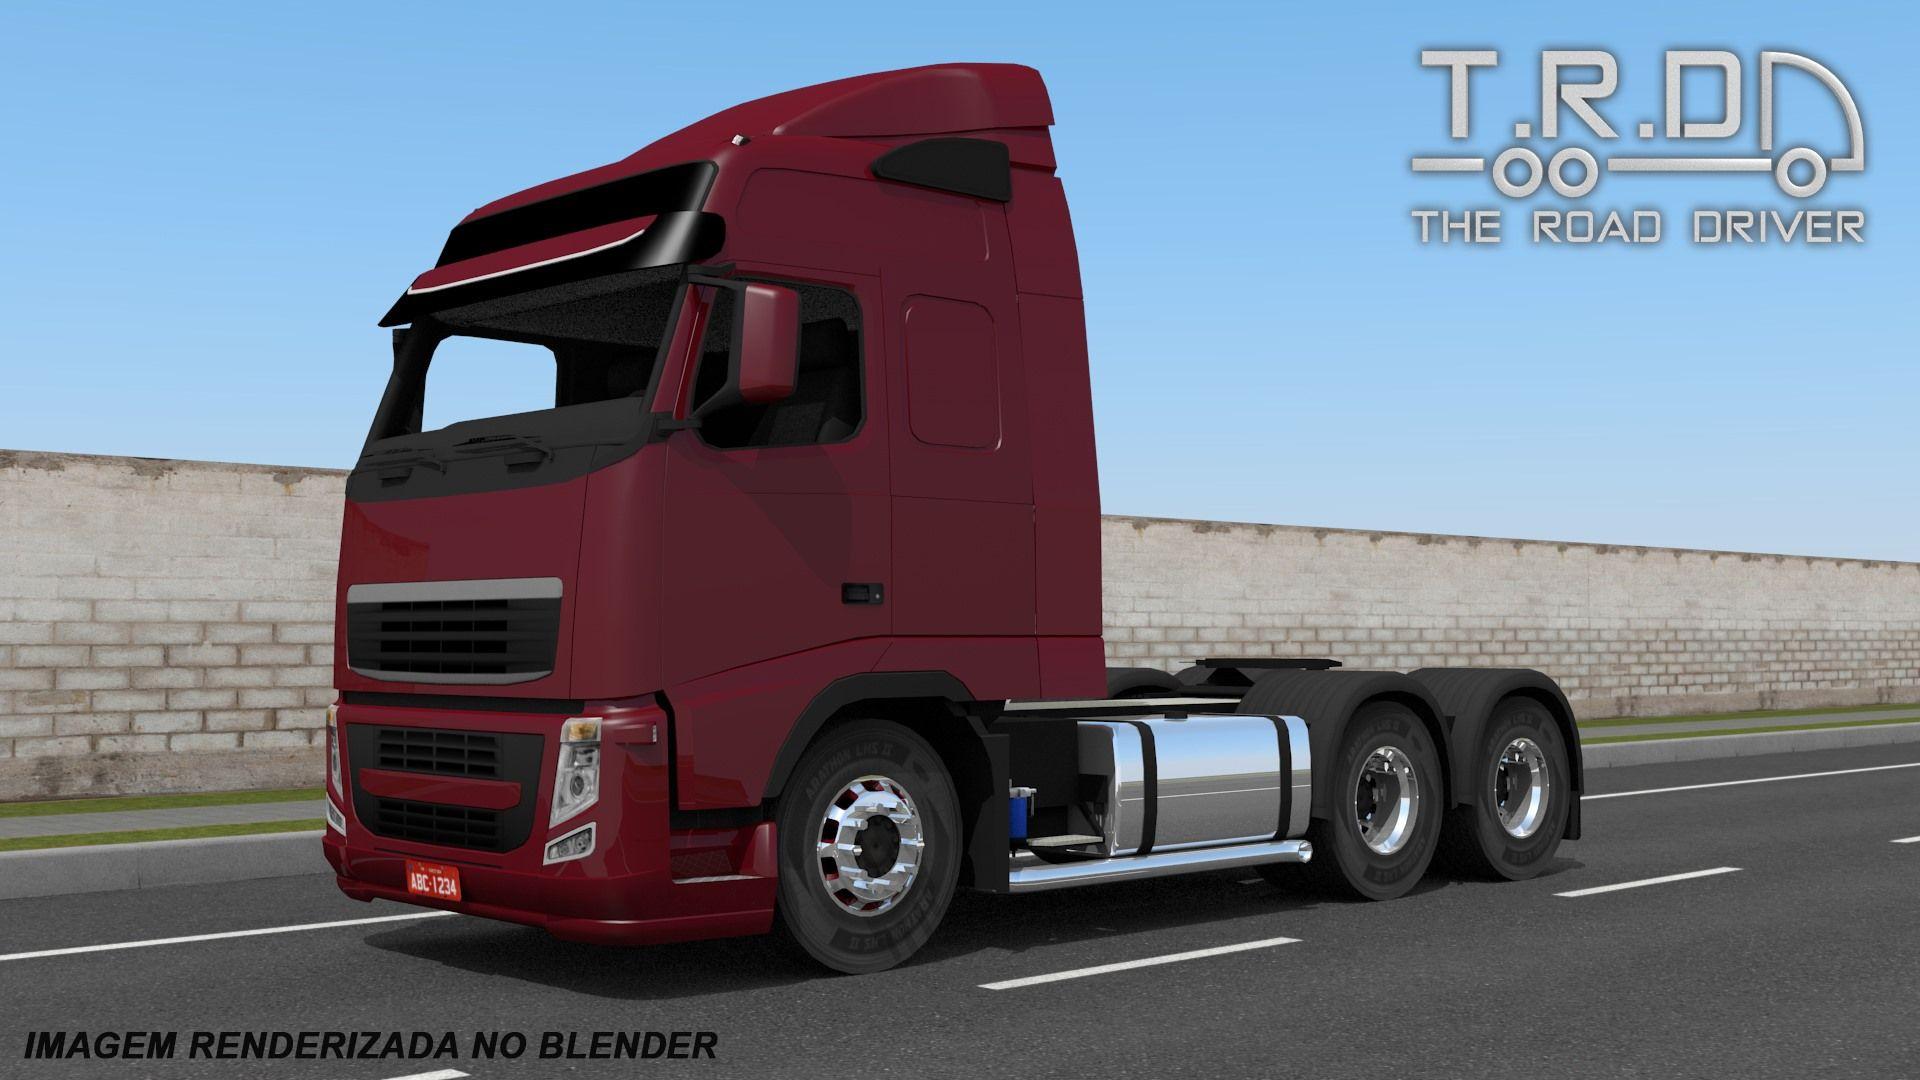 The Road Driver terá oficina, novos caminhões e cargas em breve, confira!